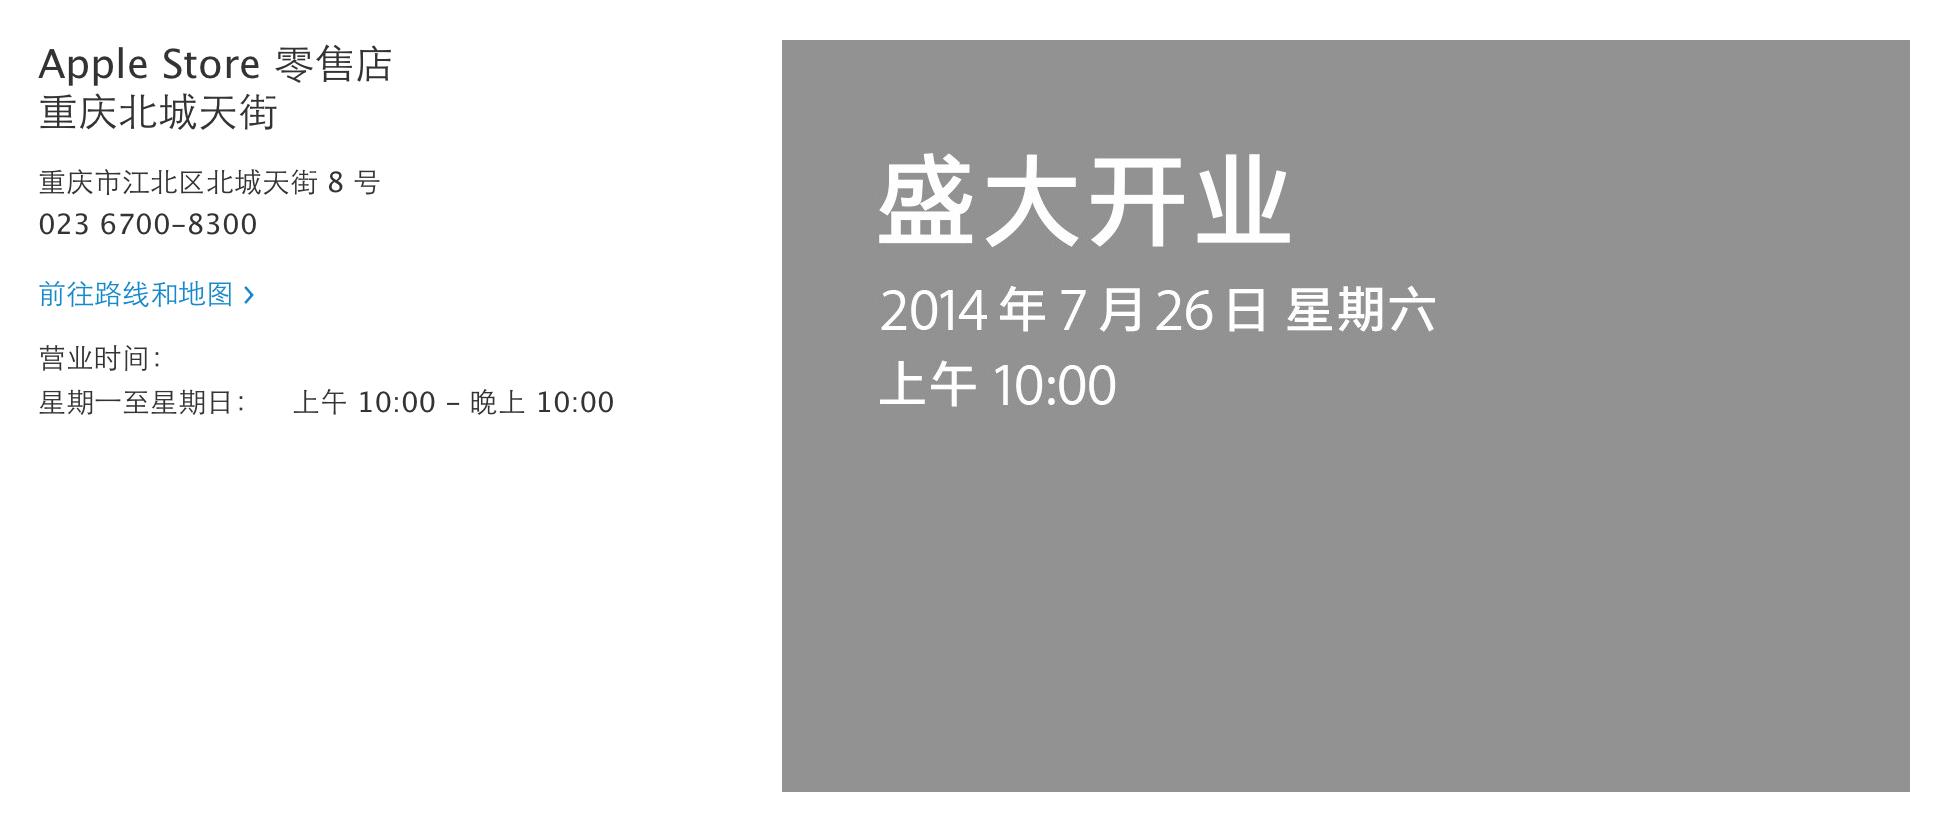 Screen Shot 2014-07-20 at 9.36.46 PM